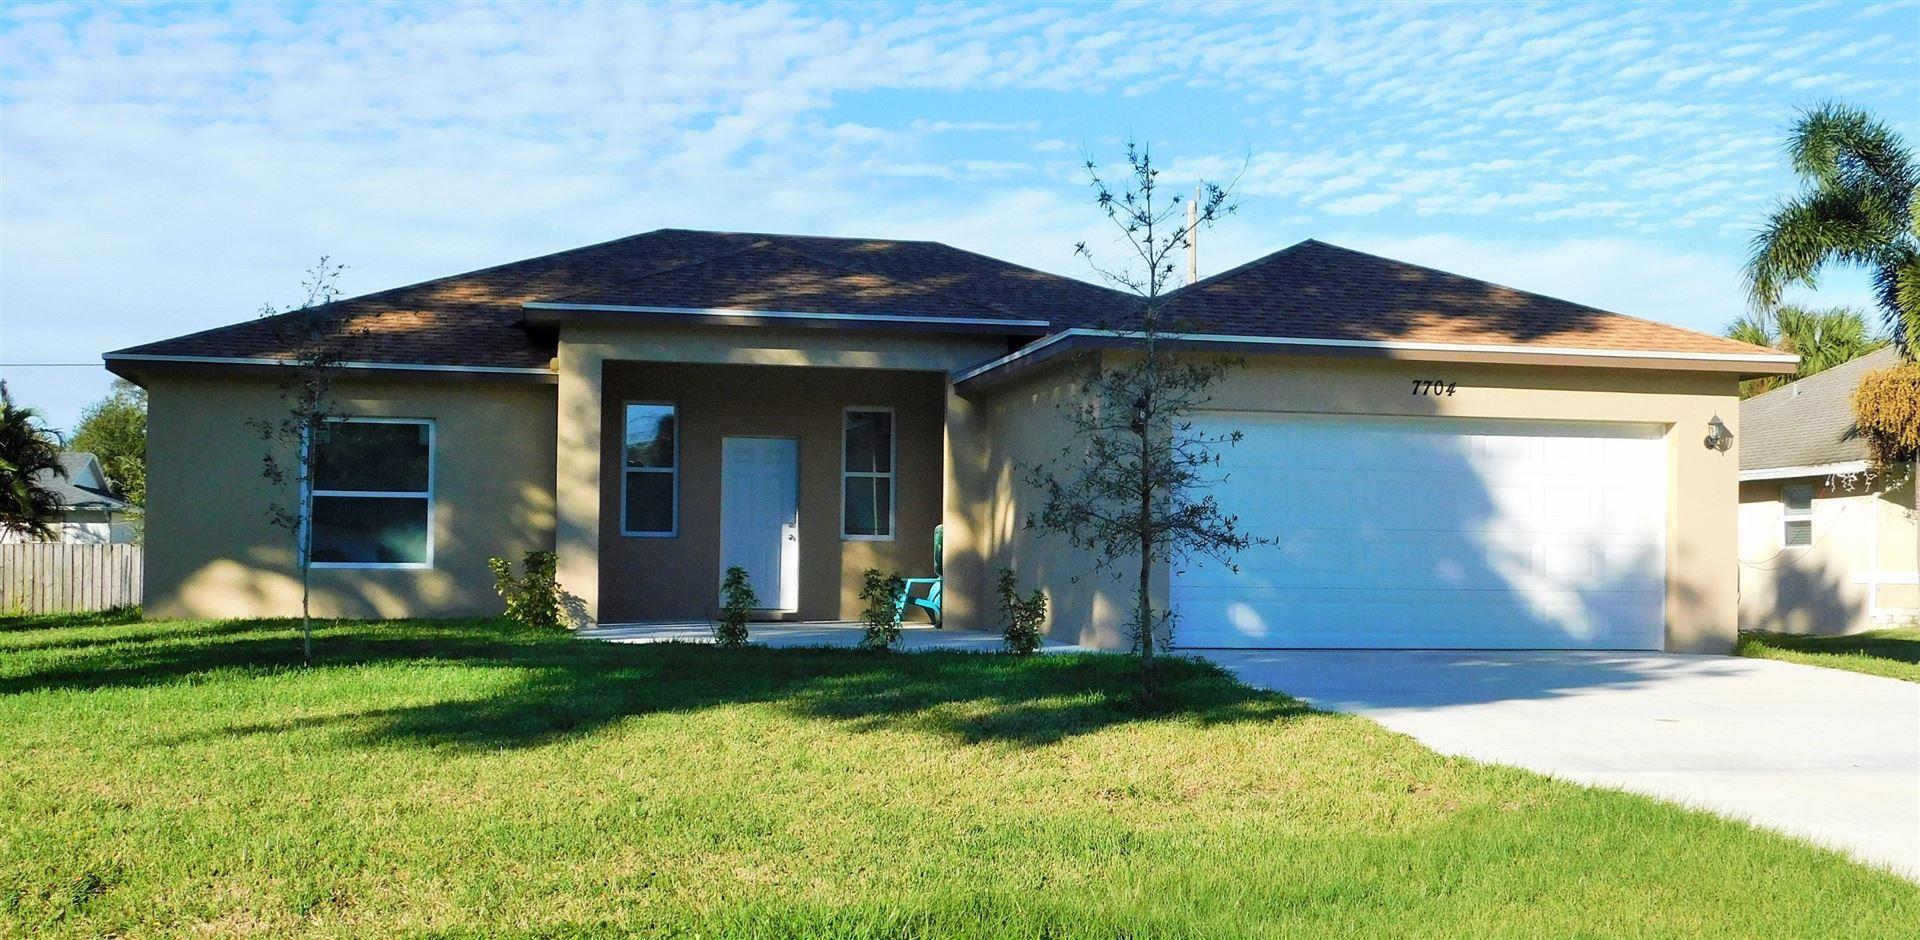 7704 Citrus Park Boulevard, Fort Pierce, FL 34951 - #: RX-10677054